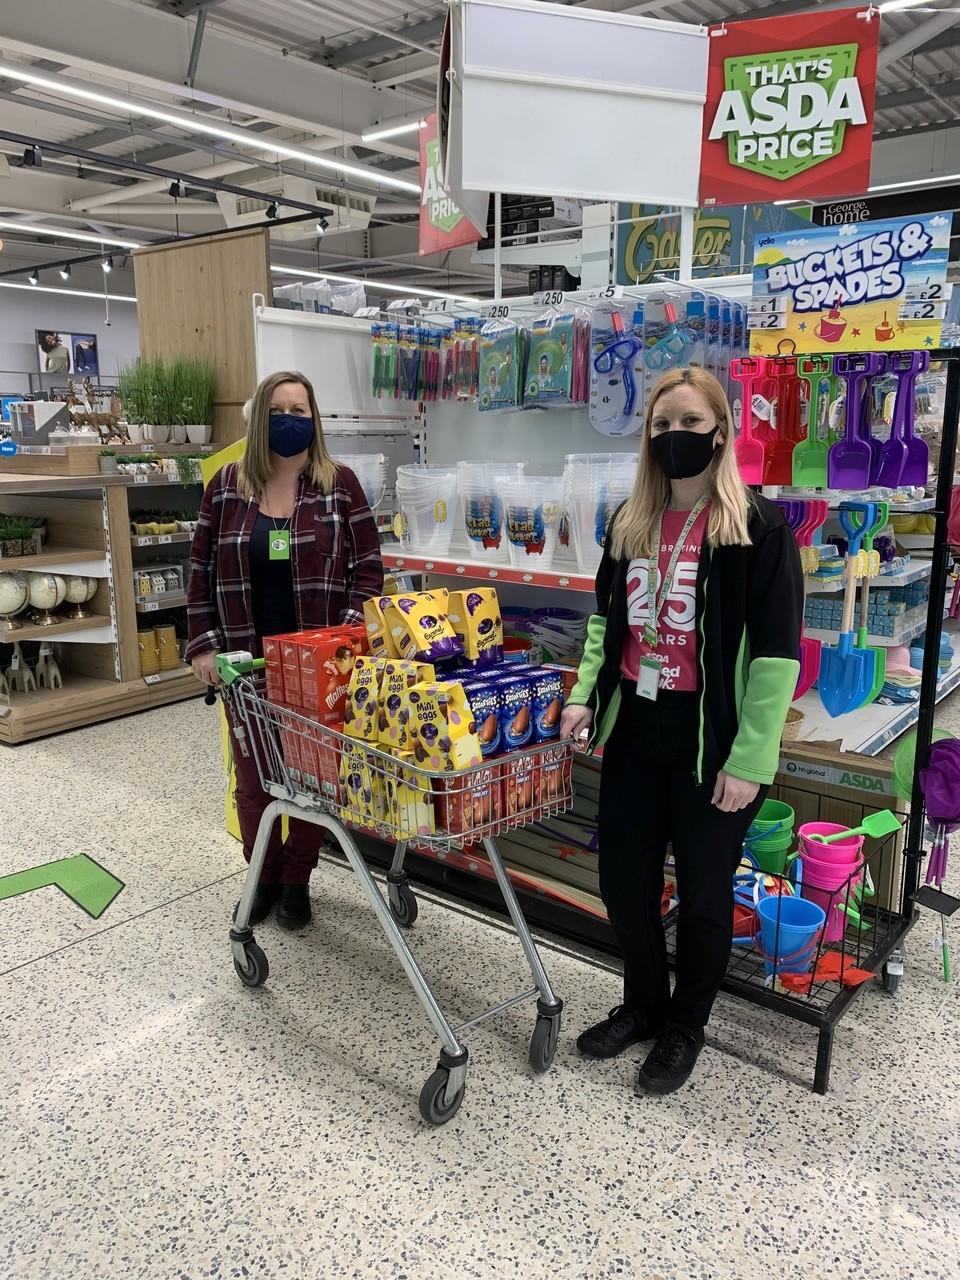 Clacton Foodcycle donation | Asda Clacton-on-Sea